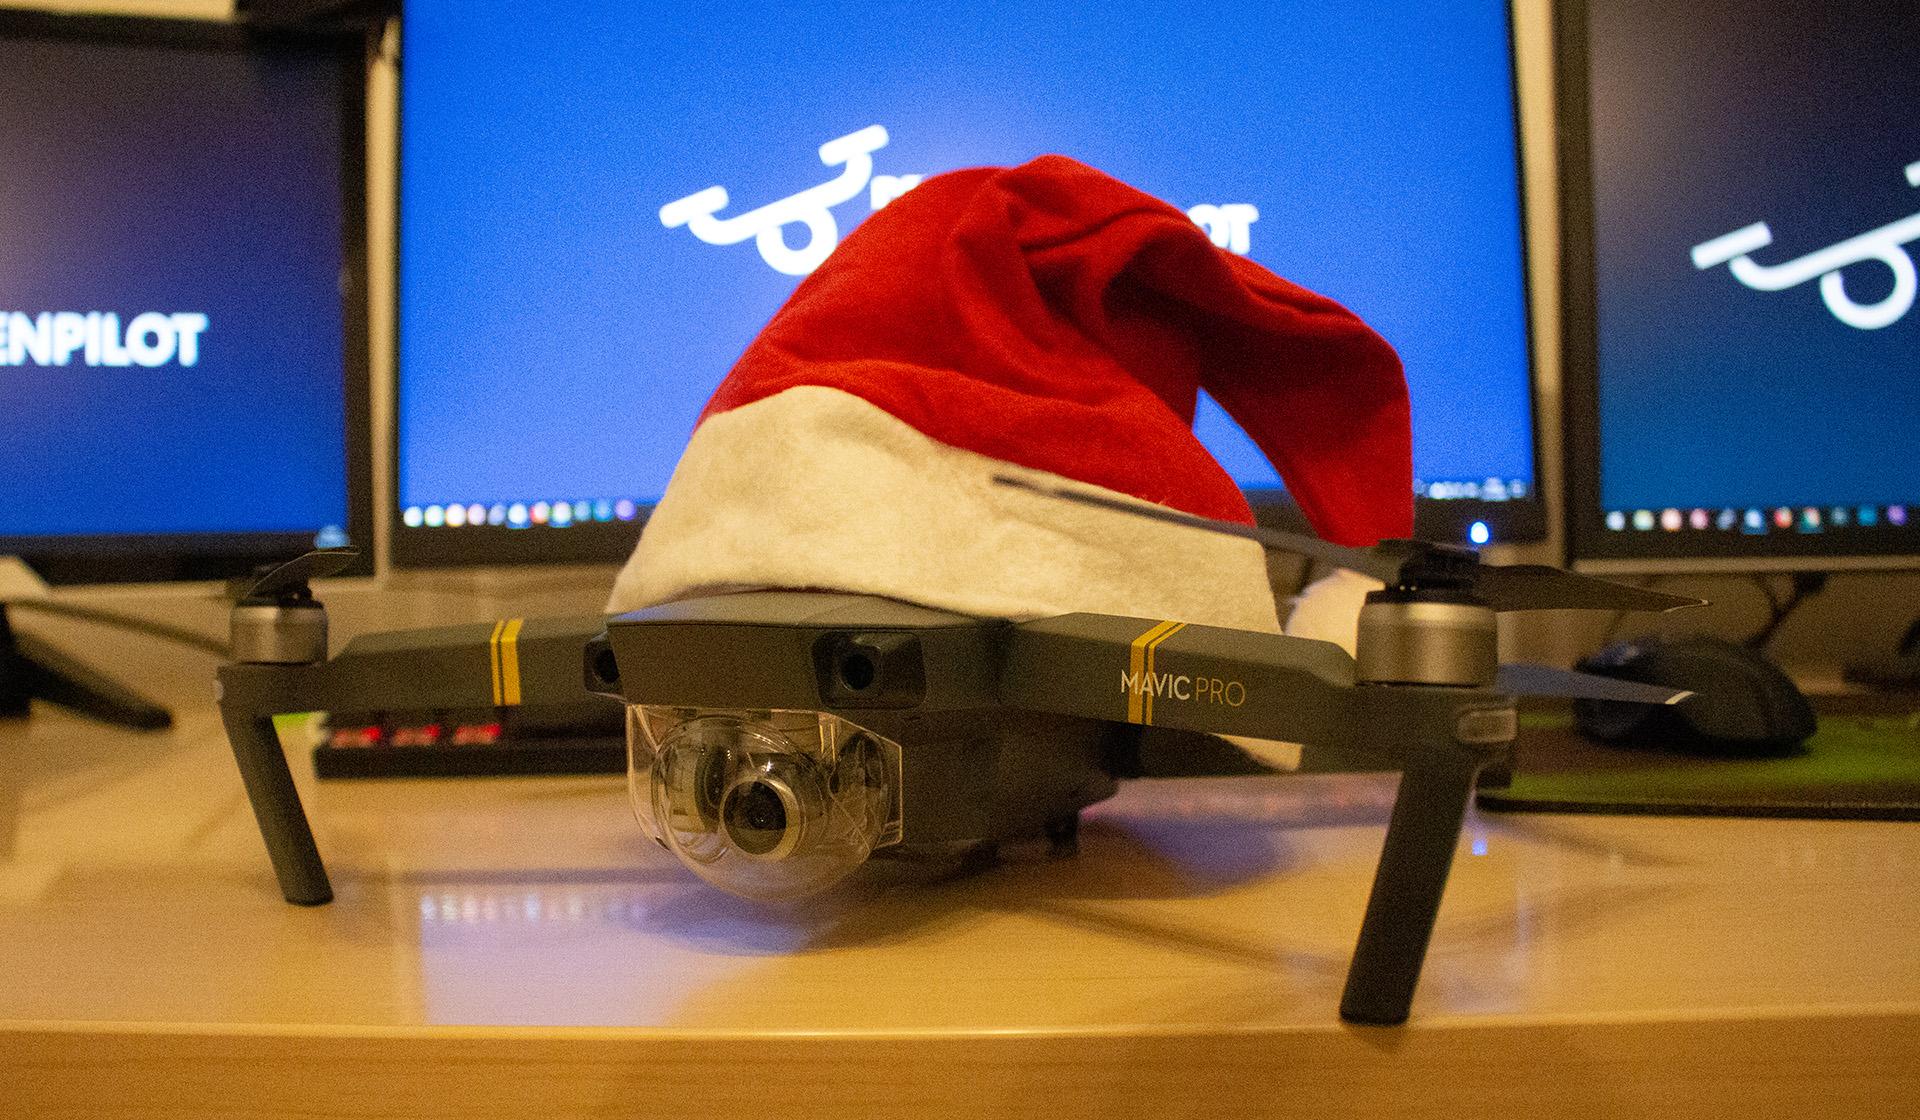 Drohnen als Weihnachtsgeschenk? - Dein Drohnenpilot